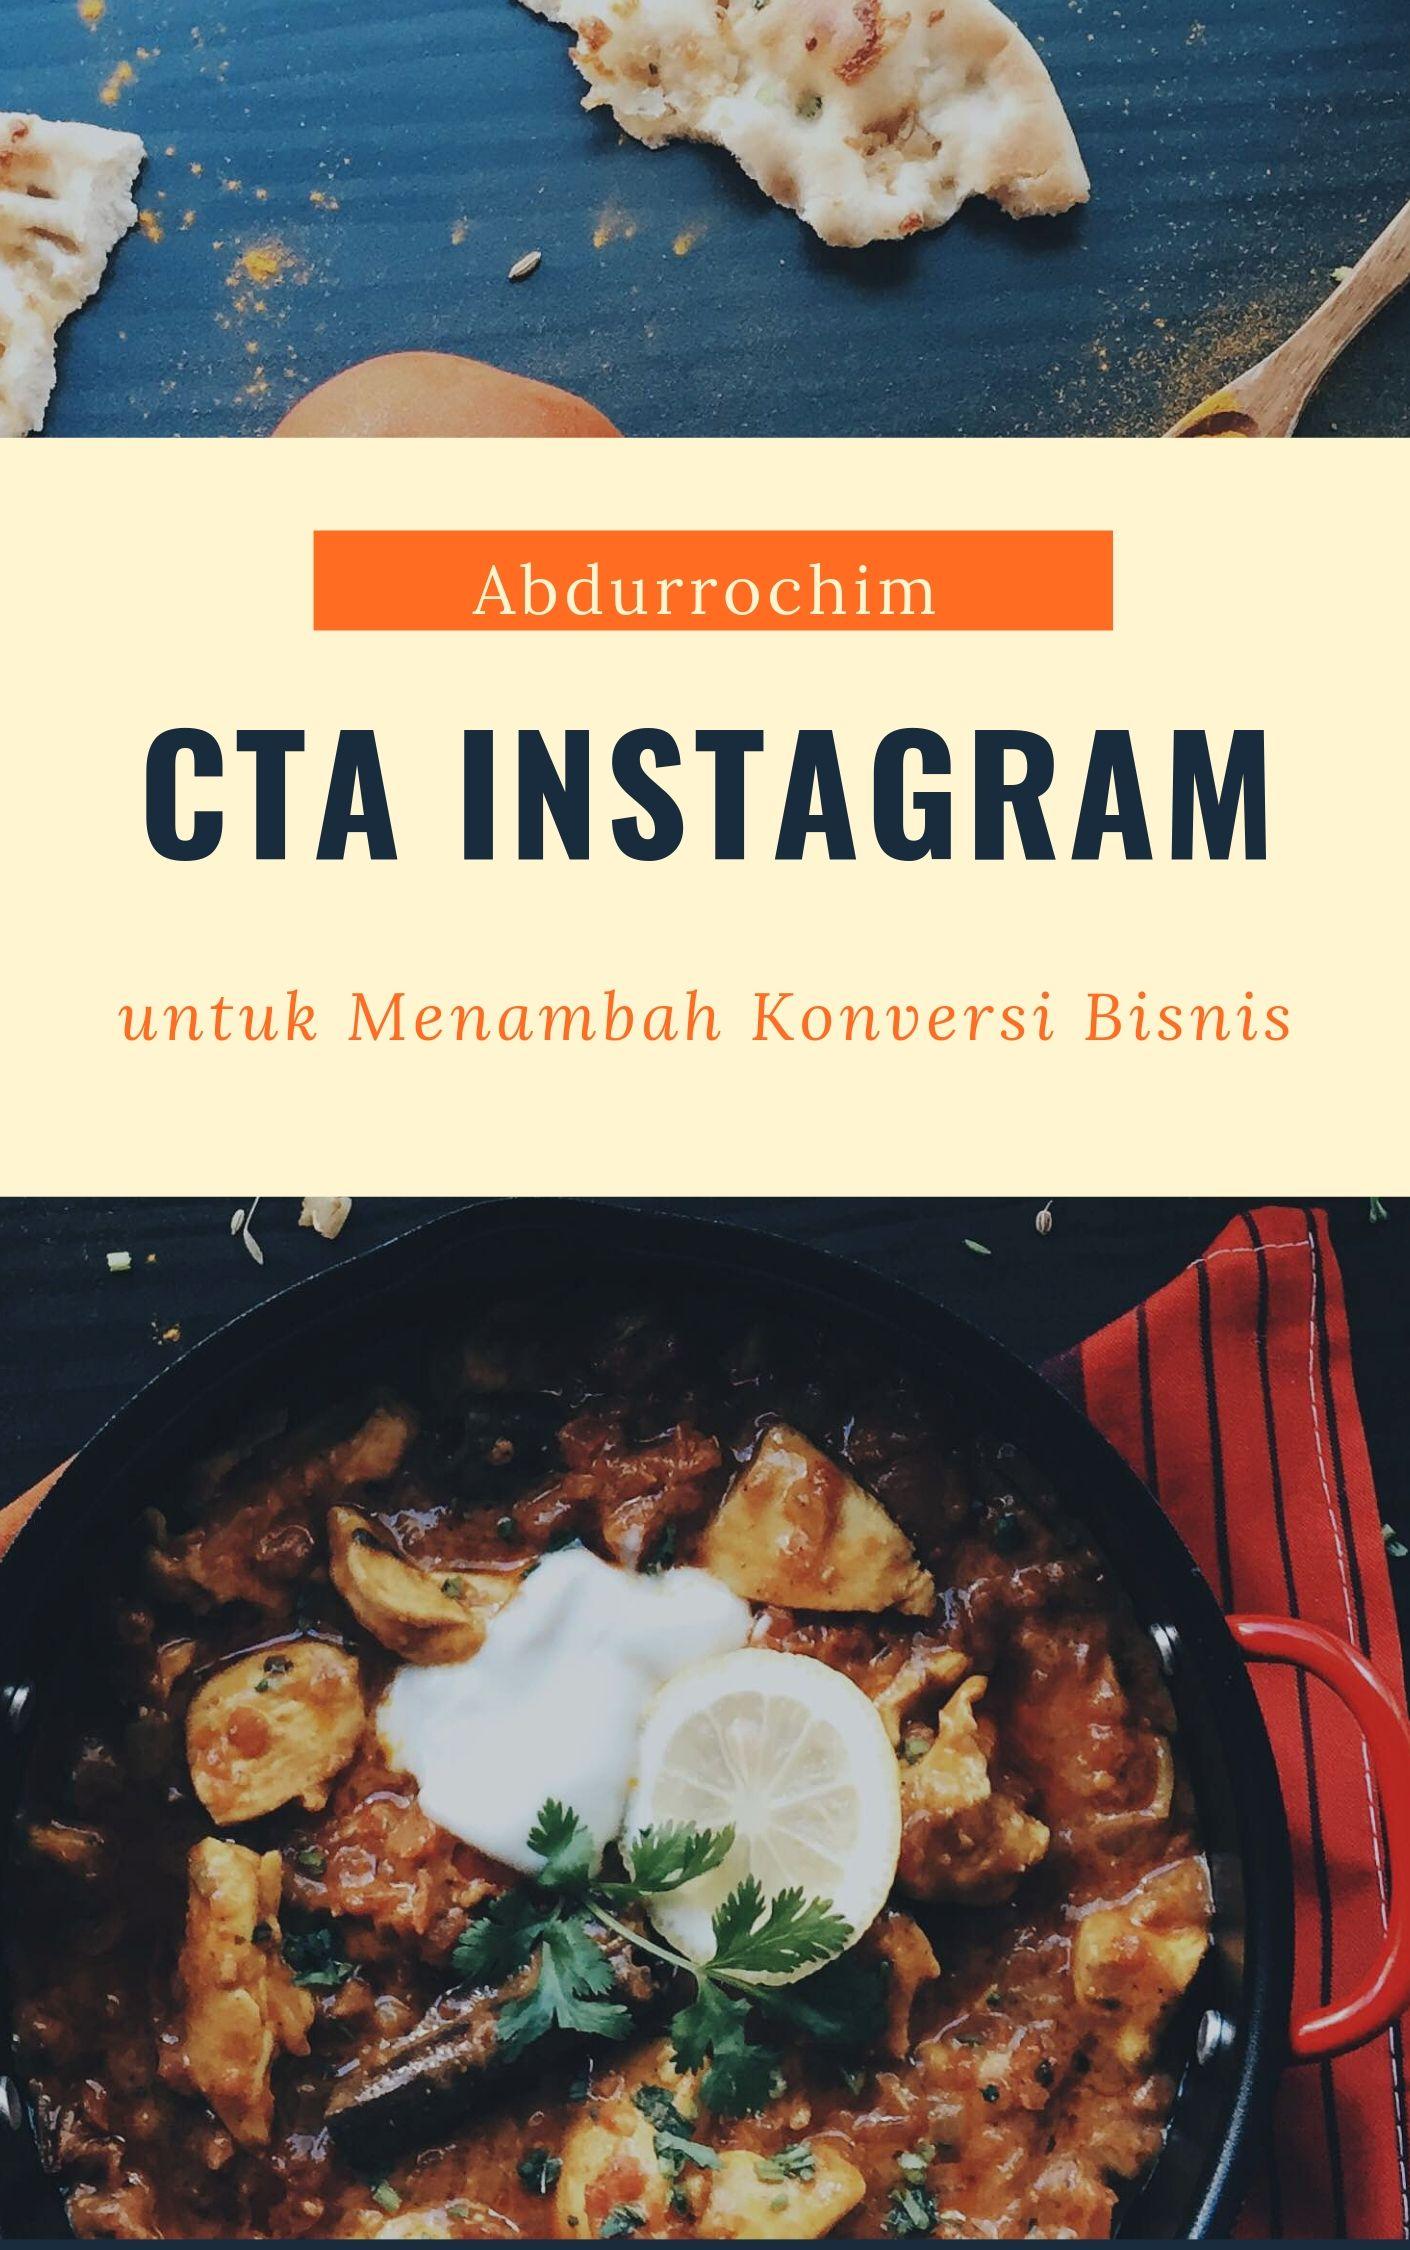 CTA Instagram untuk Menambah konversi Bisnis Online